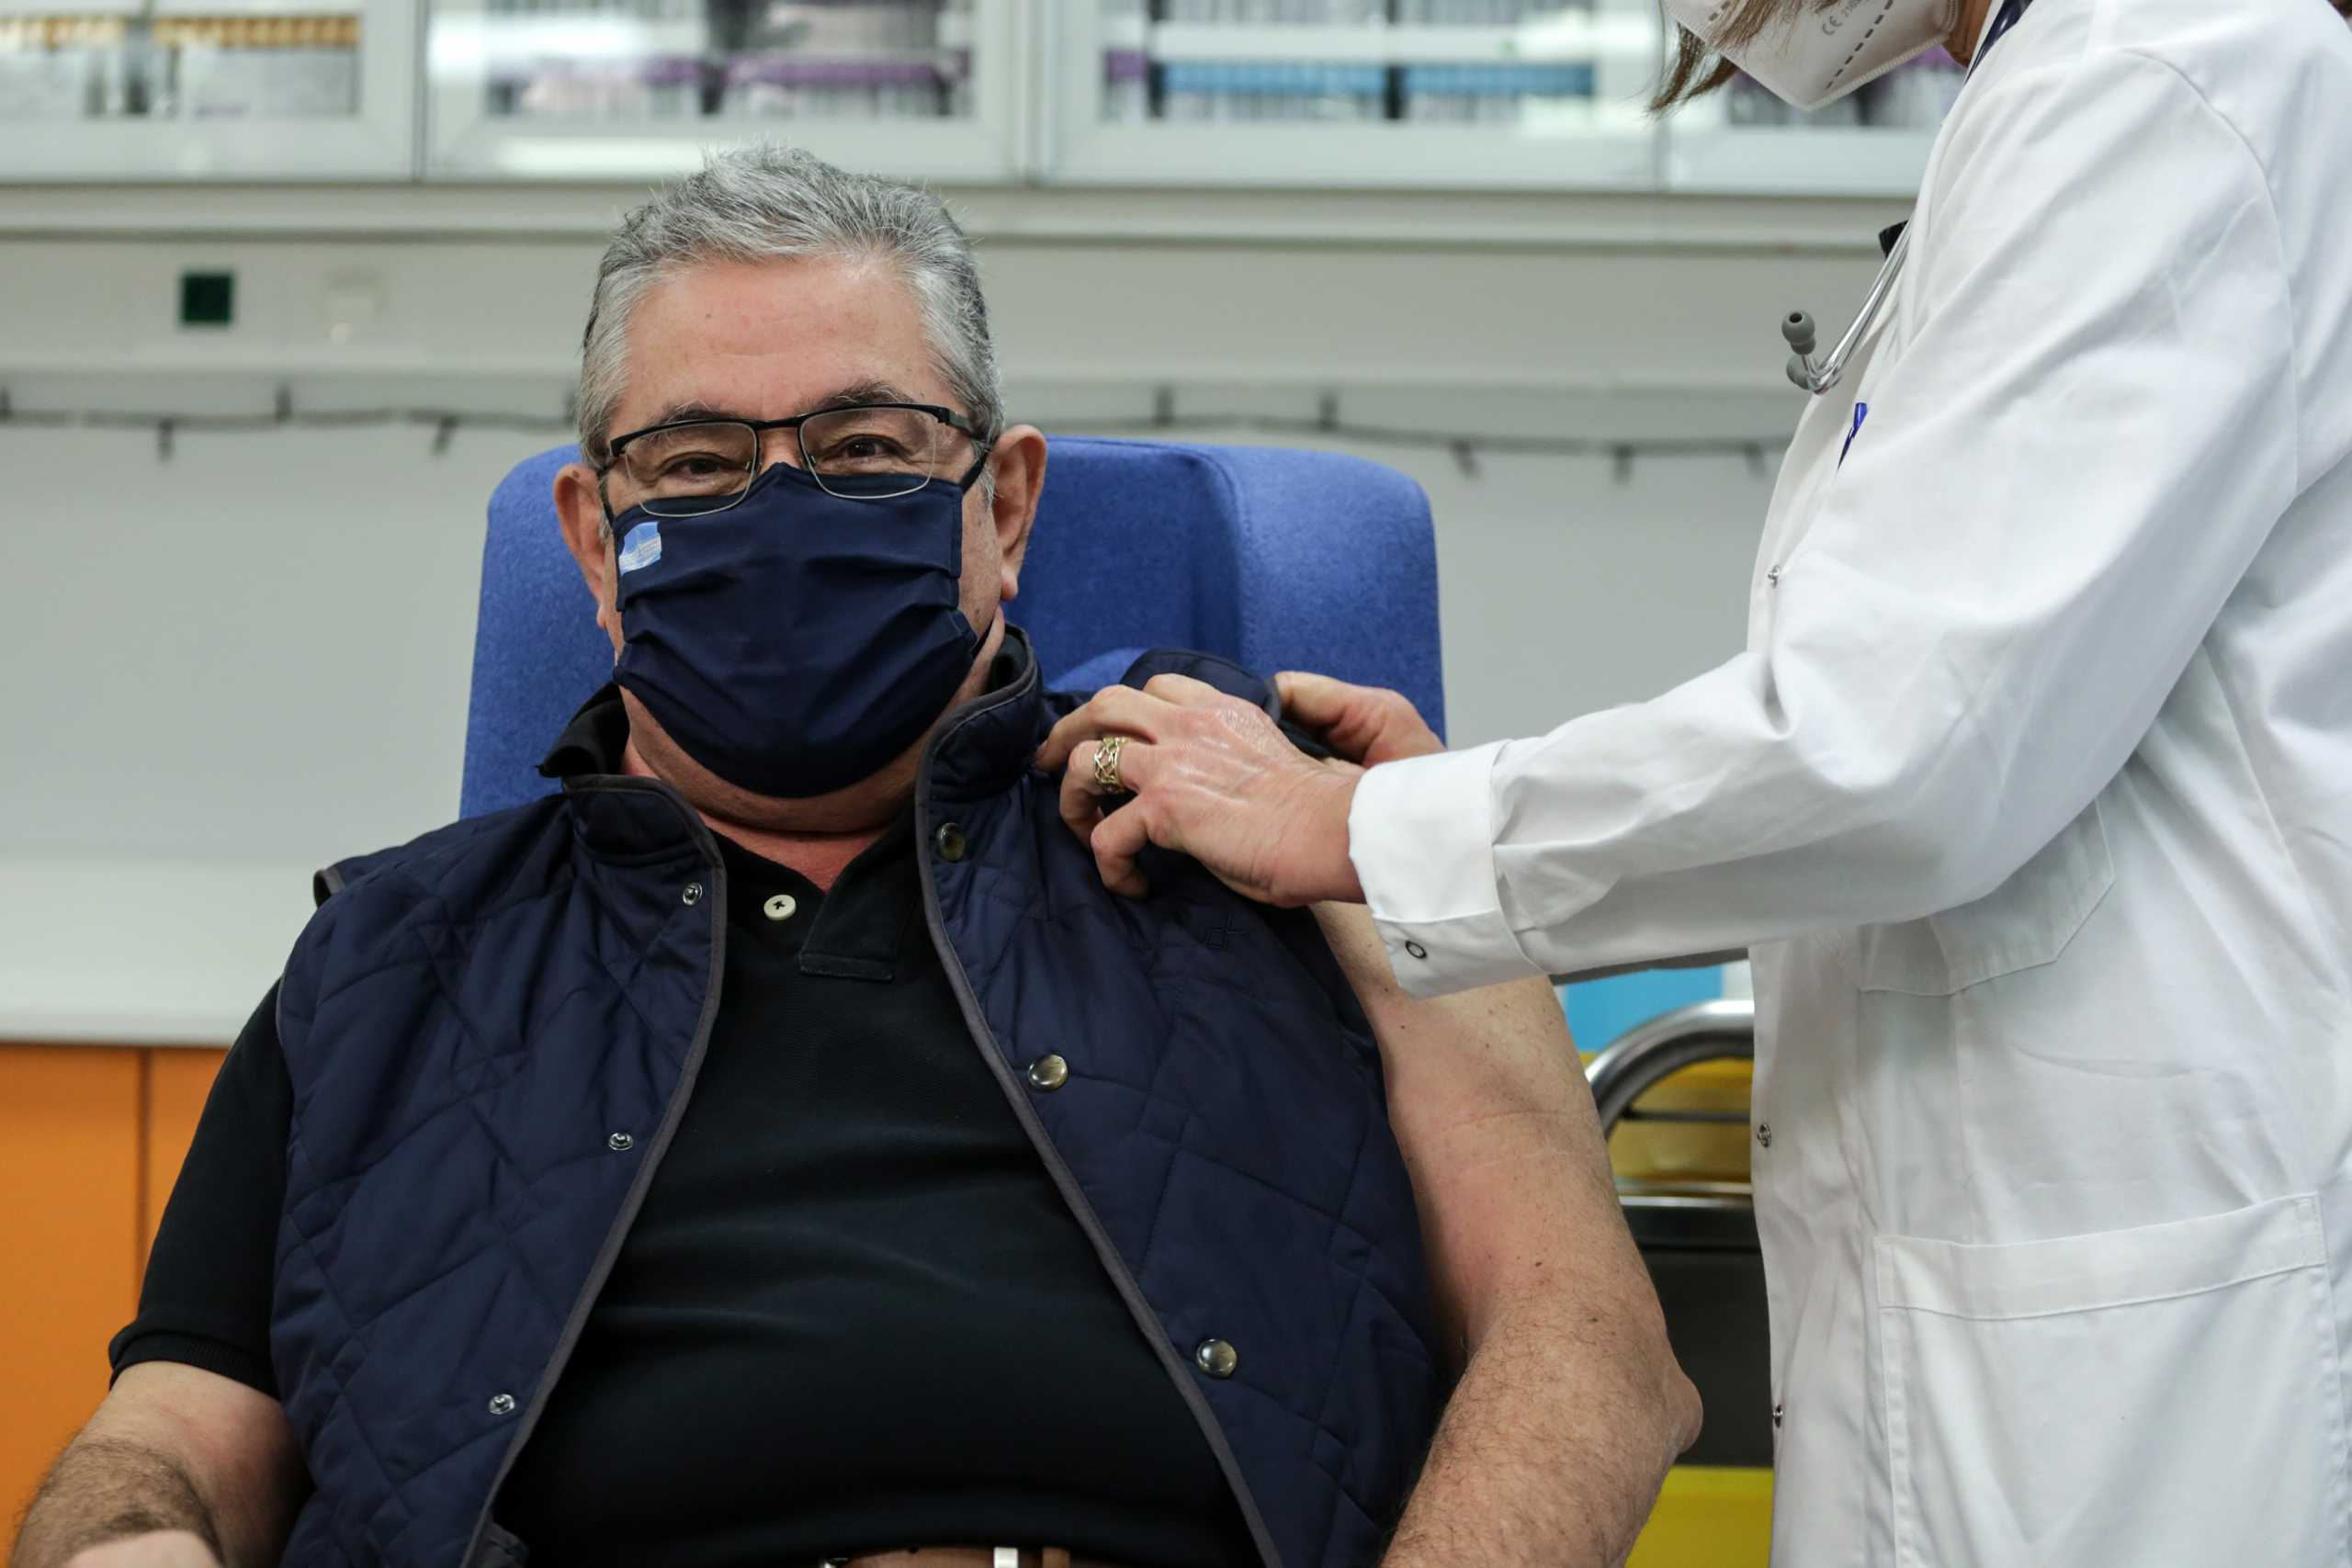 Δημήτρης Κουτσούμπας: Πραγματοποίησε την τρίτη δόση του εμβολίου κατά του κορονοϊού